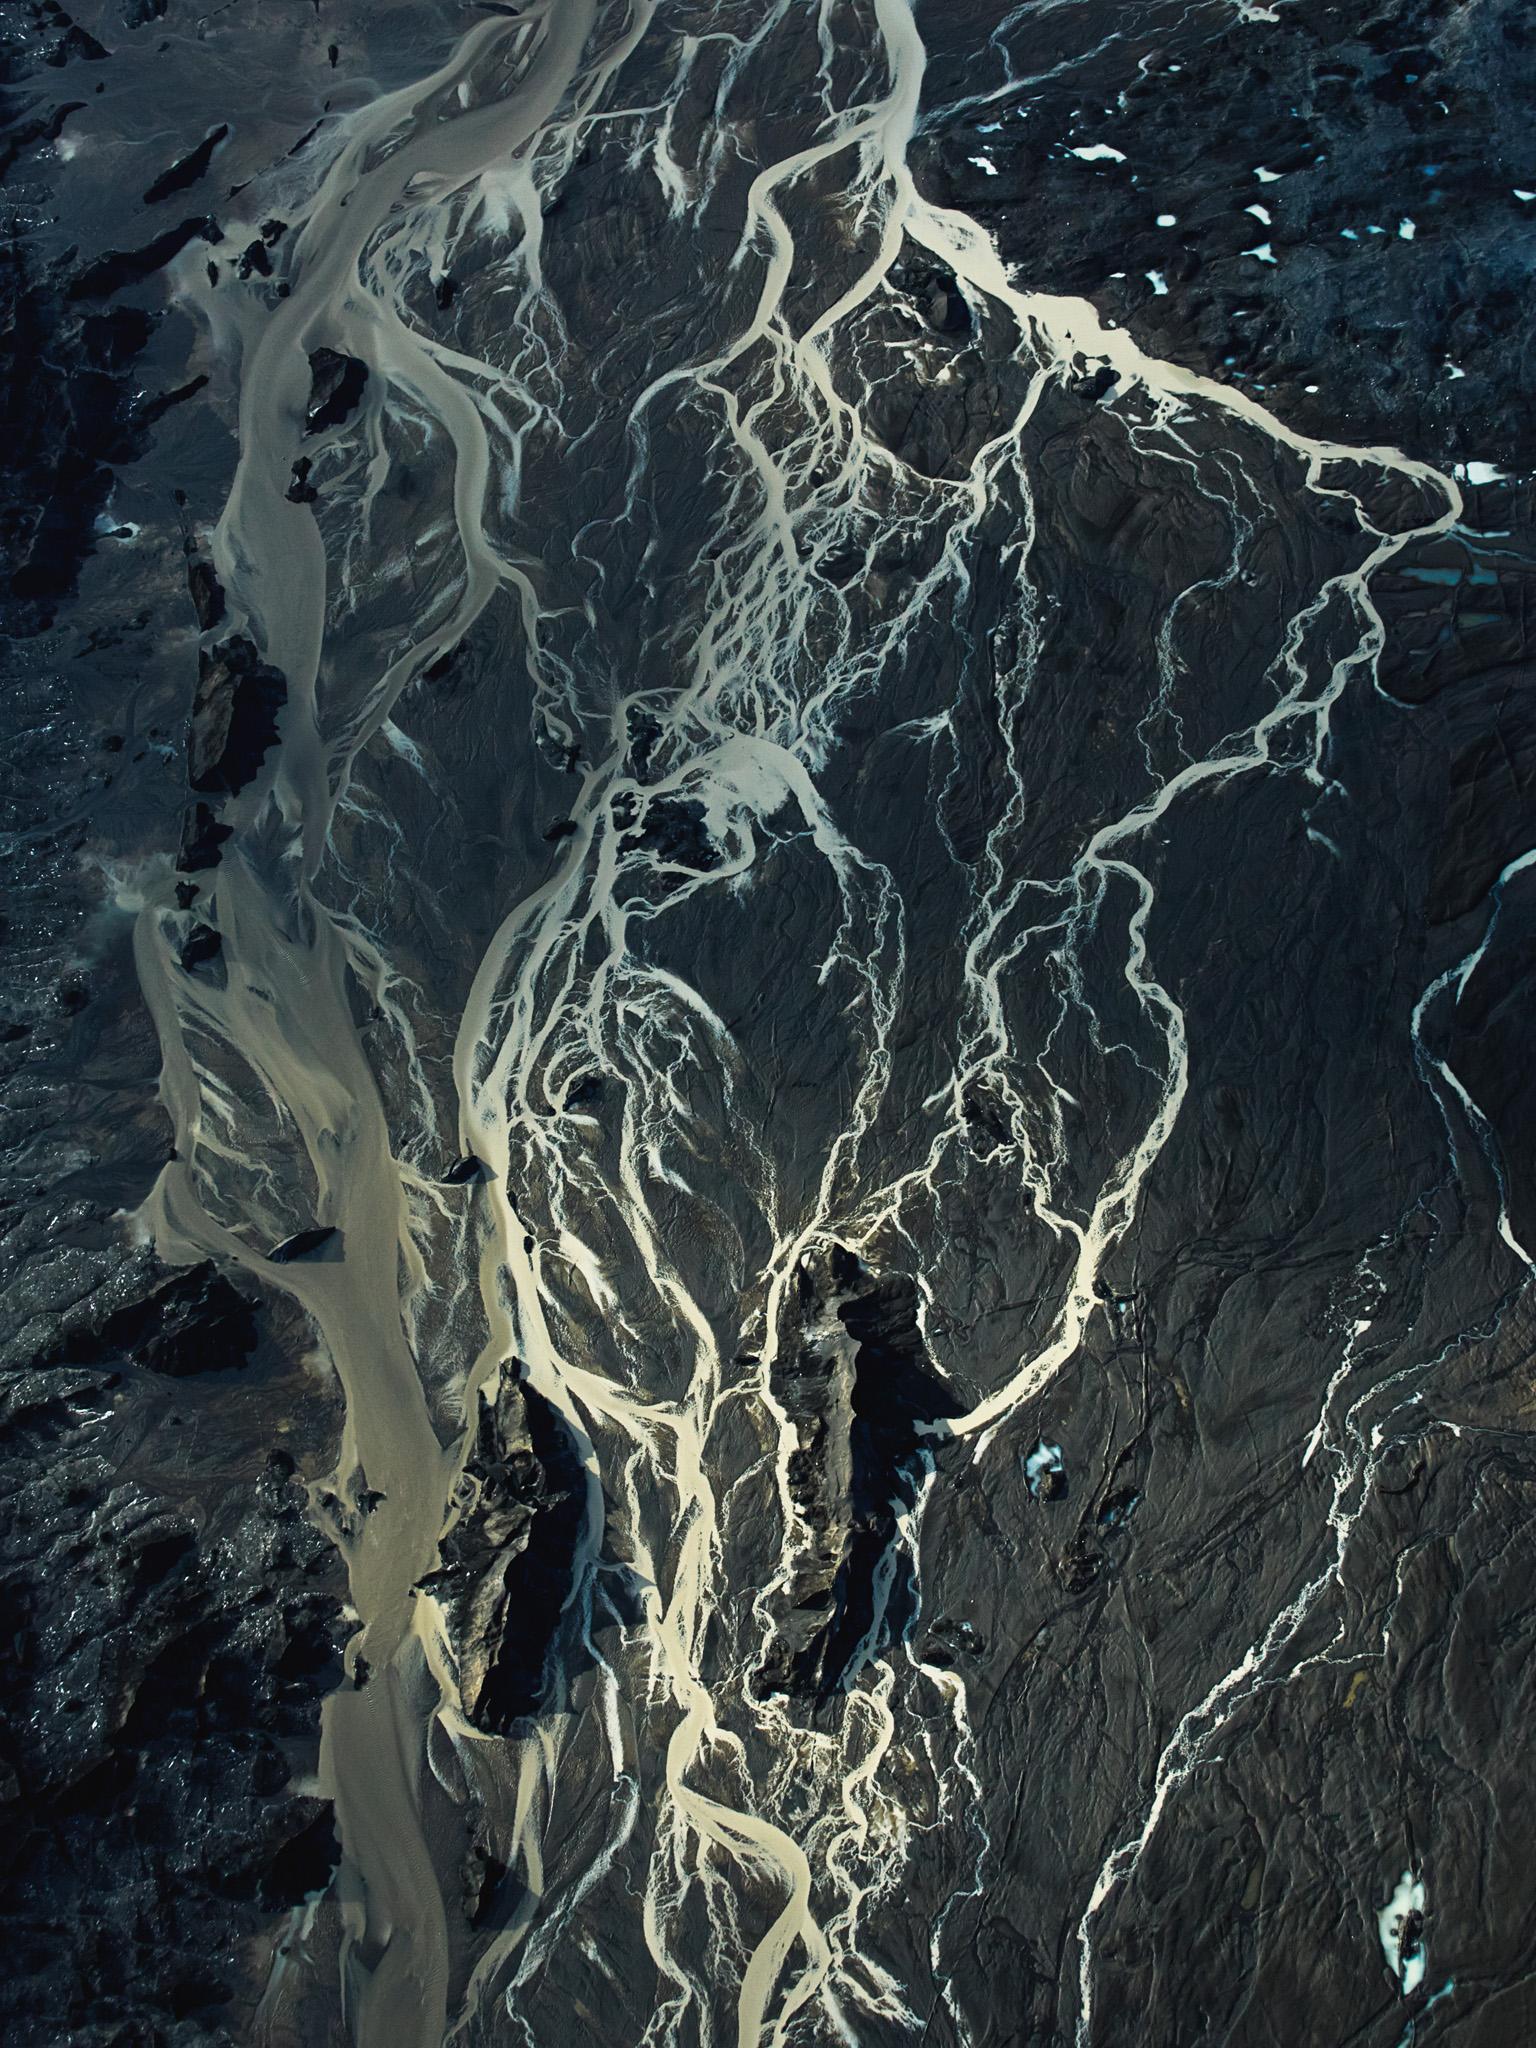 AxelSig_aerial001.jpg